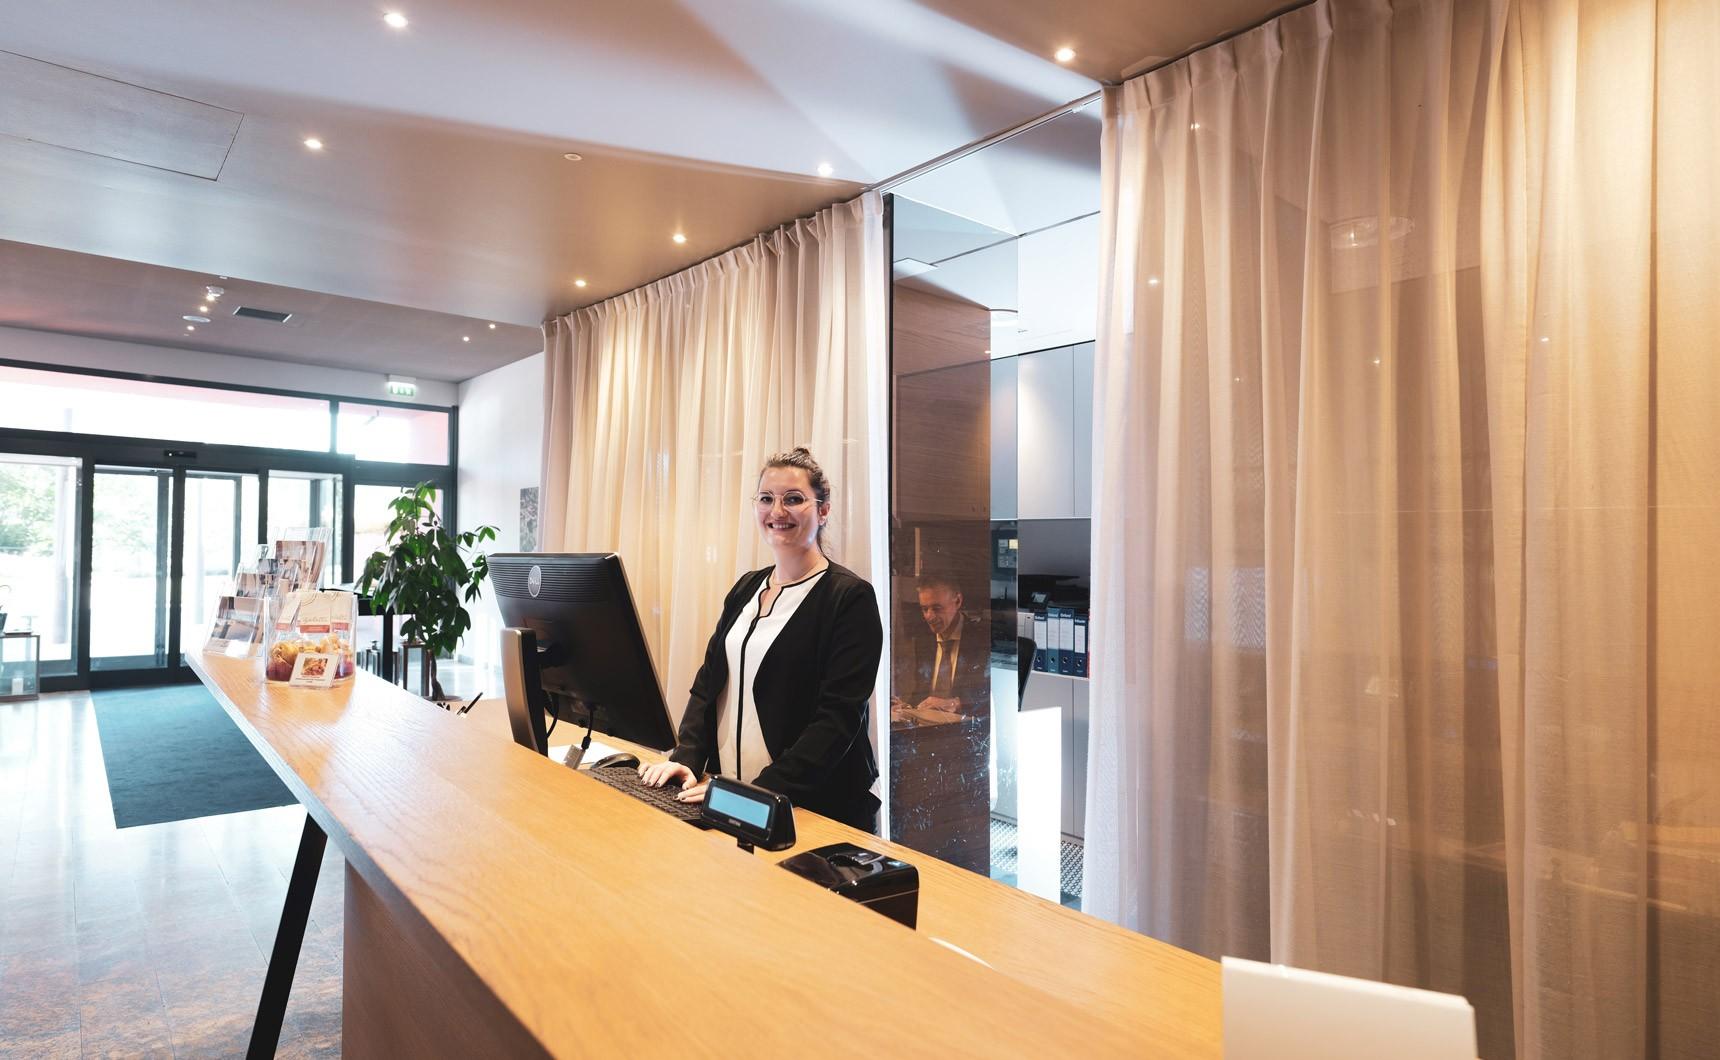 Laveno_hotel_reception